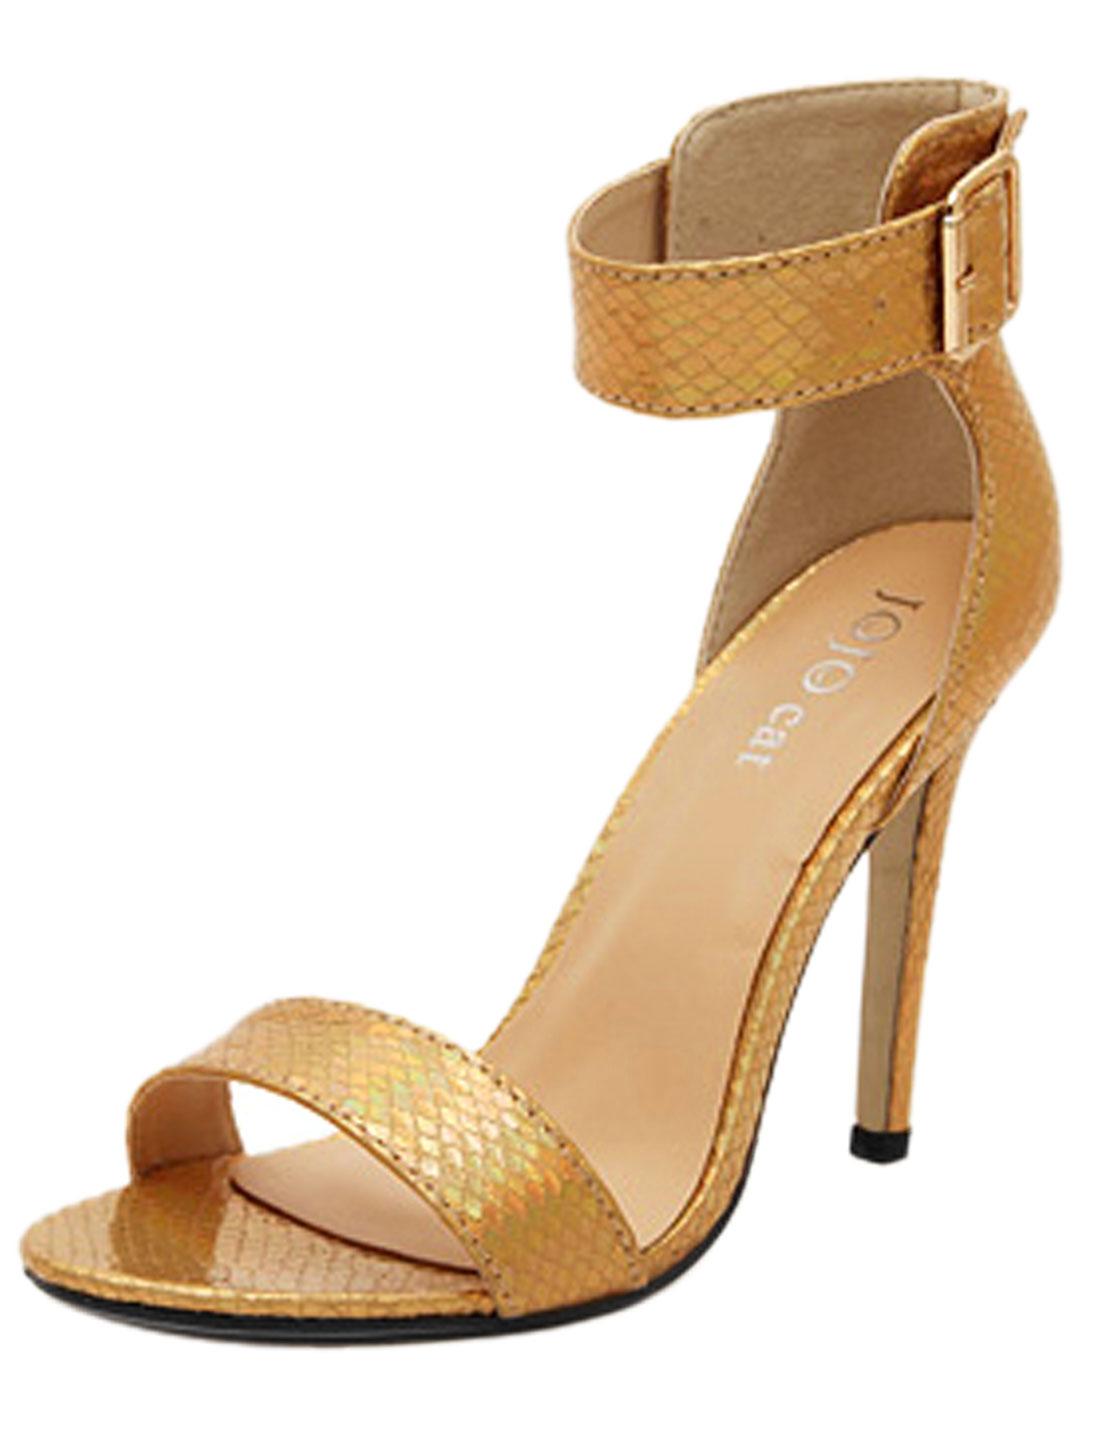 Women Metallic Open Toe Snakeskin-patterned Sandals Gold Tone US 7